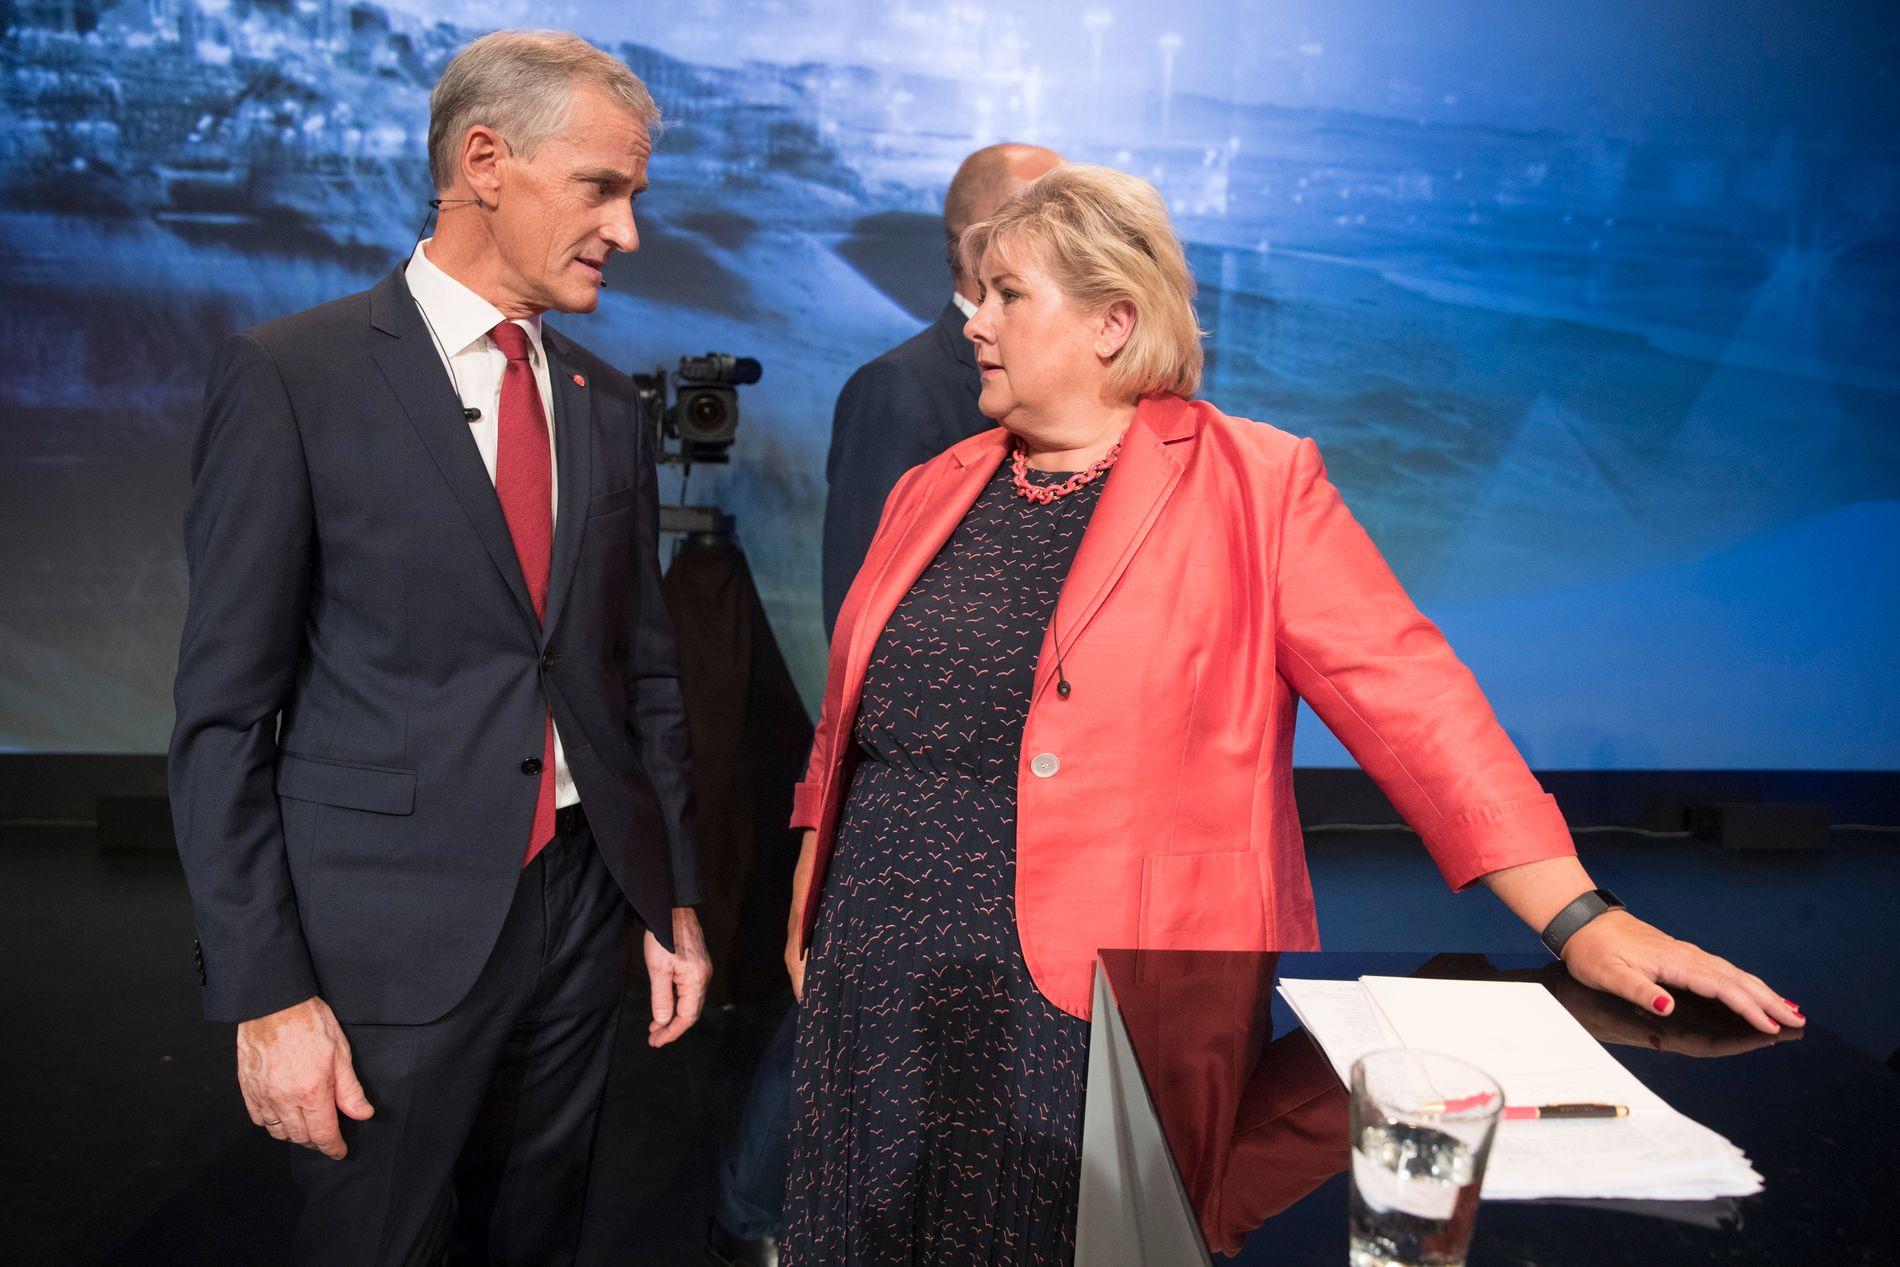 STATSMINISTERDUELLEN: Ap-leder Jonas Gahr Støre og Høyre-statsminister Erna Solberg, her fotografert i etterkant av partilederdebatten 14. august, under Arendalsuka.